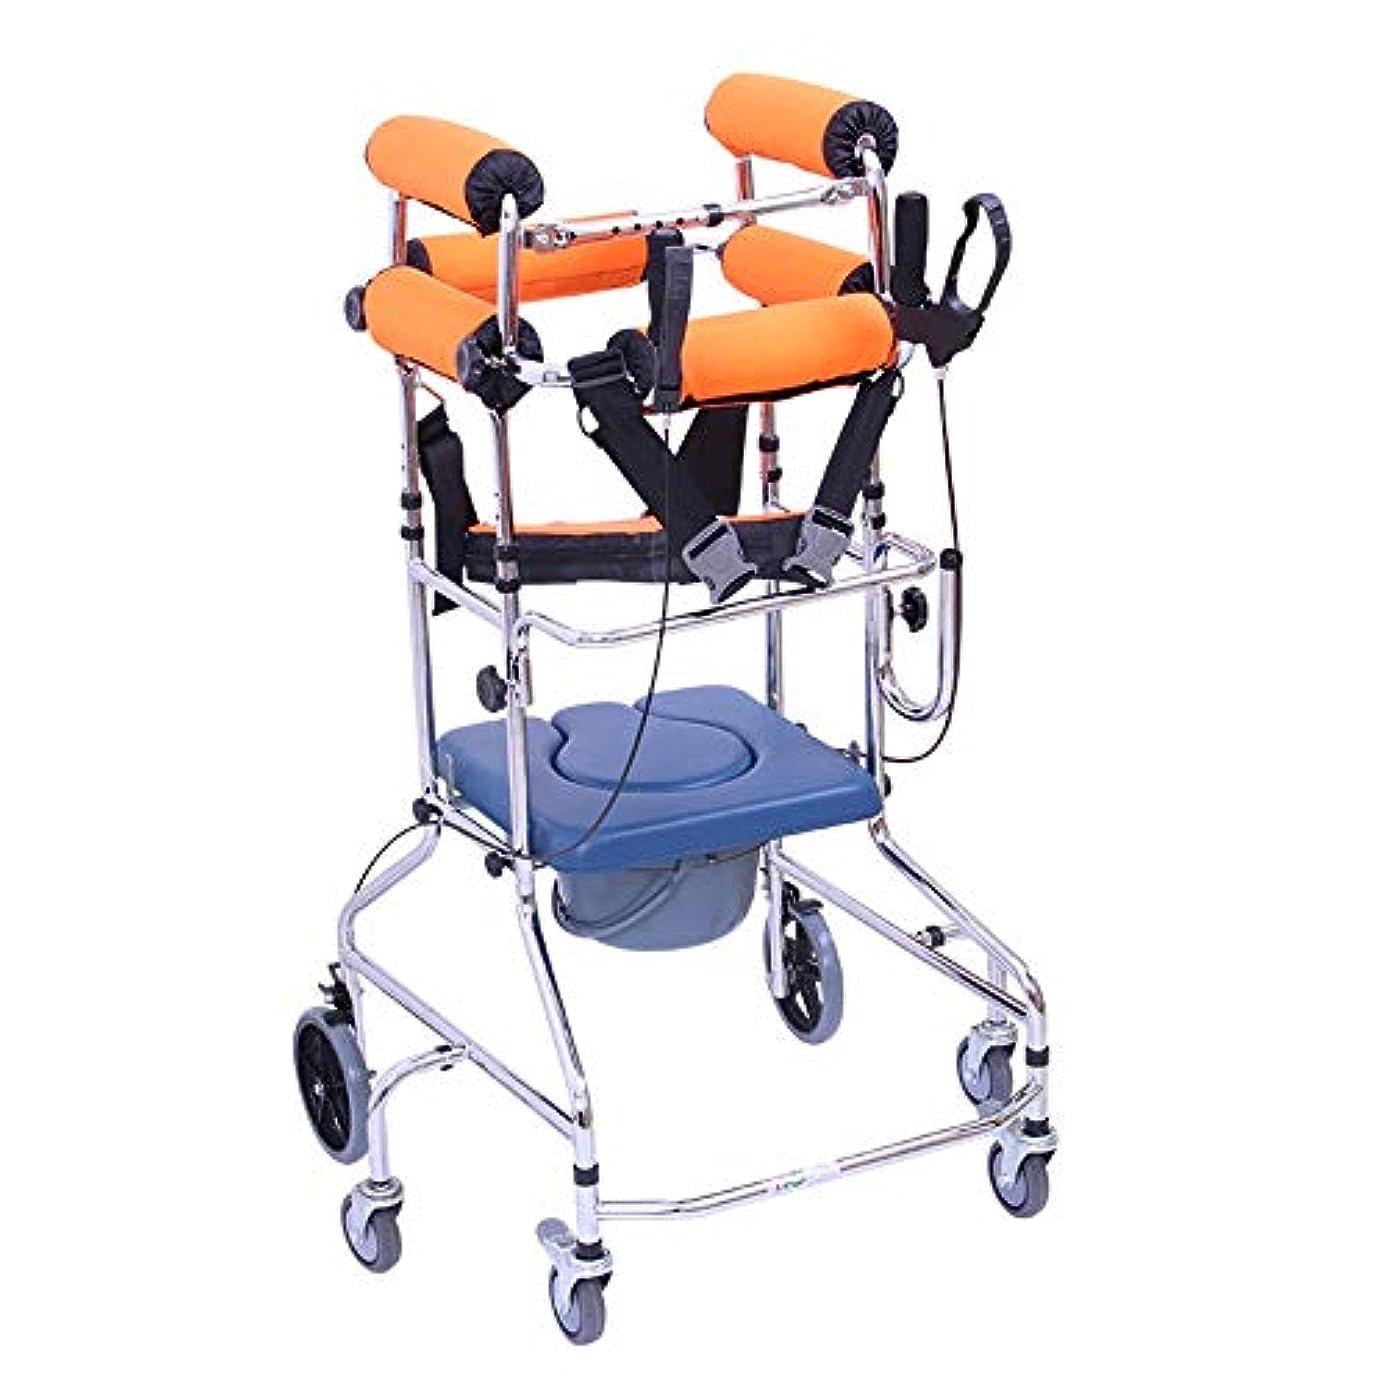 誤ってマザーランド嬉しいです補助下肢歩行用フレーム付き便座、成人用歩行フレーム歩行器高齢者歩行器トレーニング機器